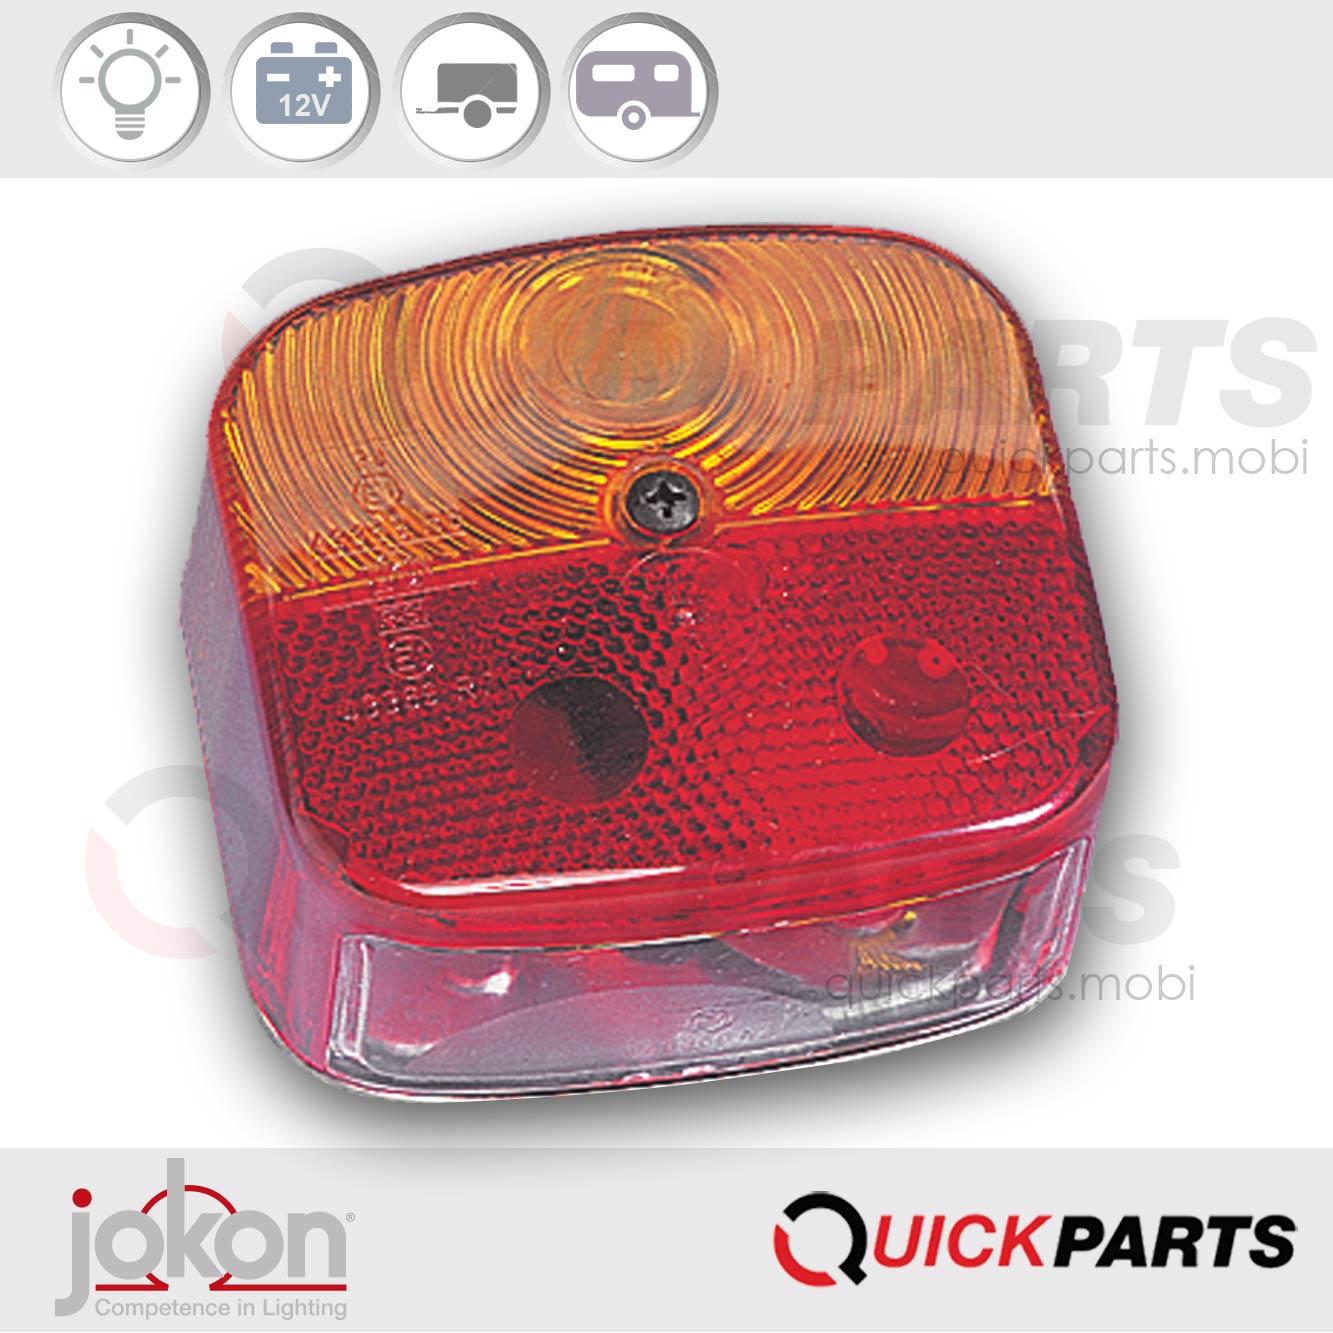 Multiple Function Light Left or Right applicable | 12V | JokonE1-4336